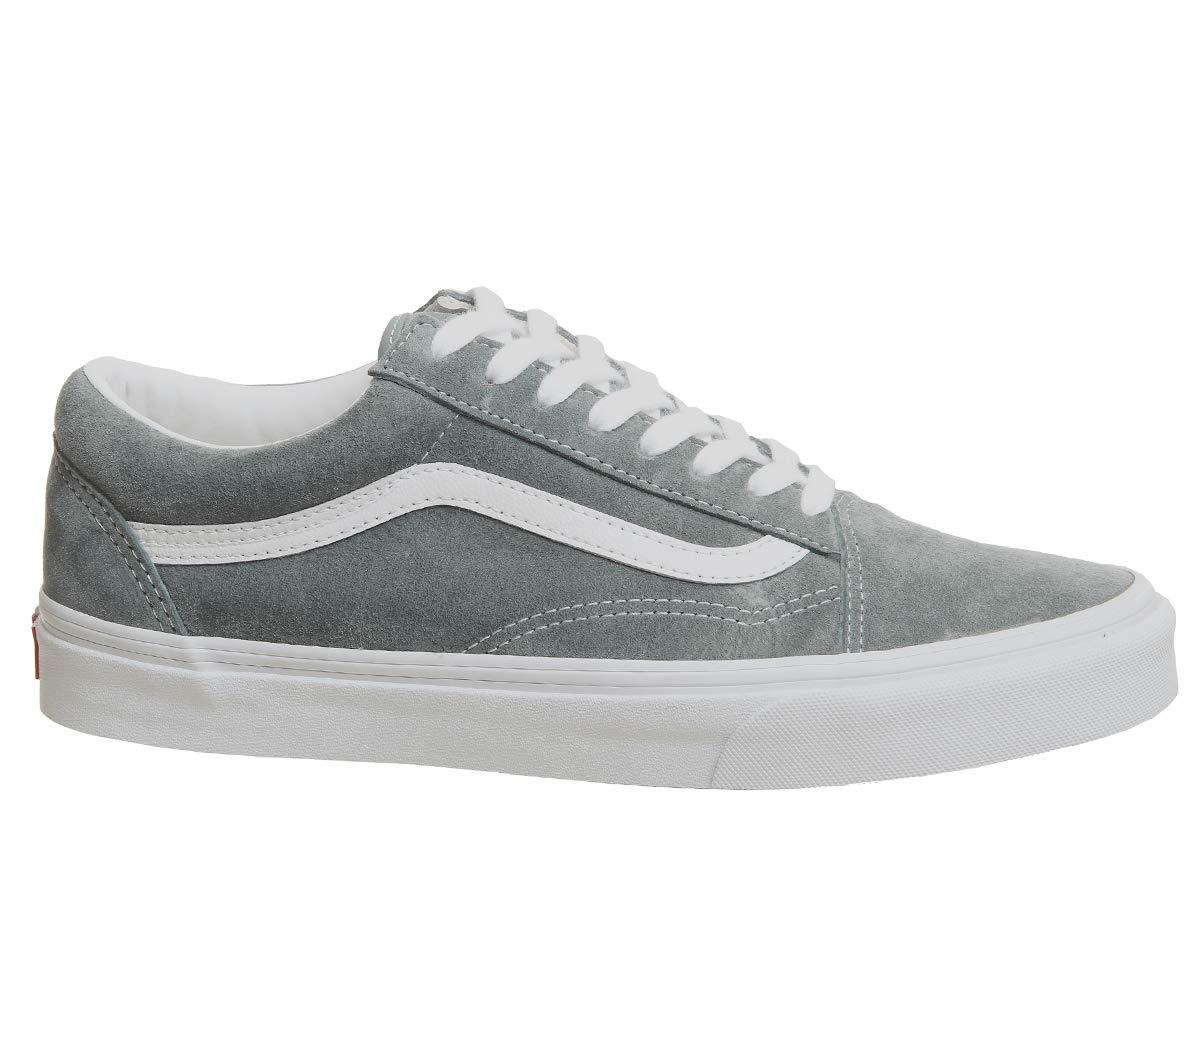 online store ddeb9 f1f28 Vans Old Skool Uomo Uomo Uomo scarpe da ginnastica Grigio B078Y7Q2XC 9    Trasporto Veloce   Nuove Varietà Vengono Introdotti Uno Dopo L altro    Qualità e ...